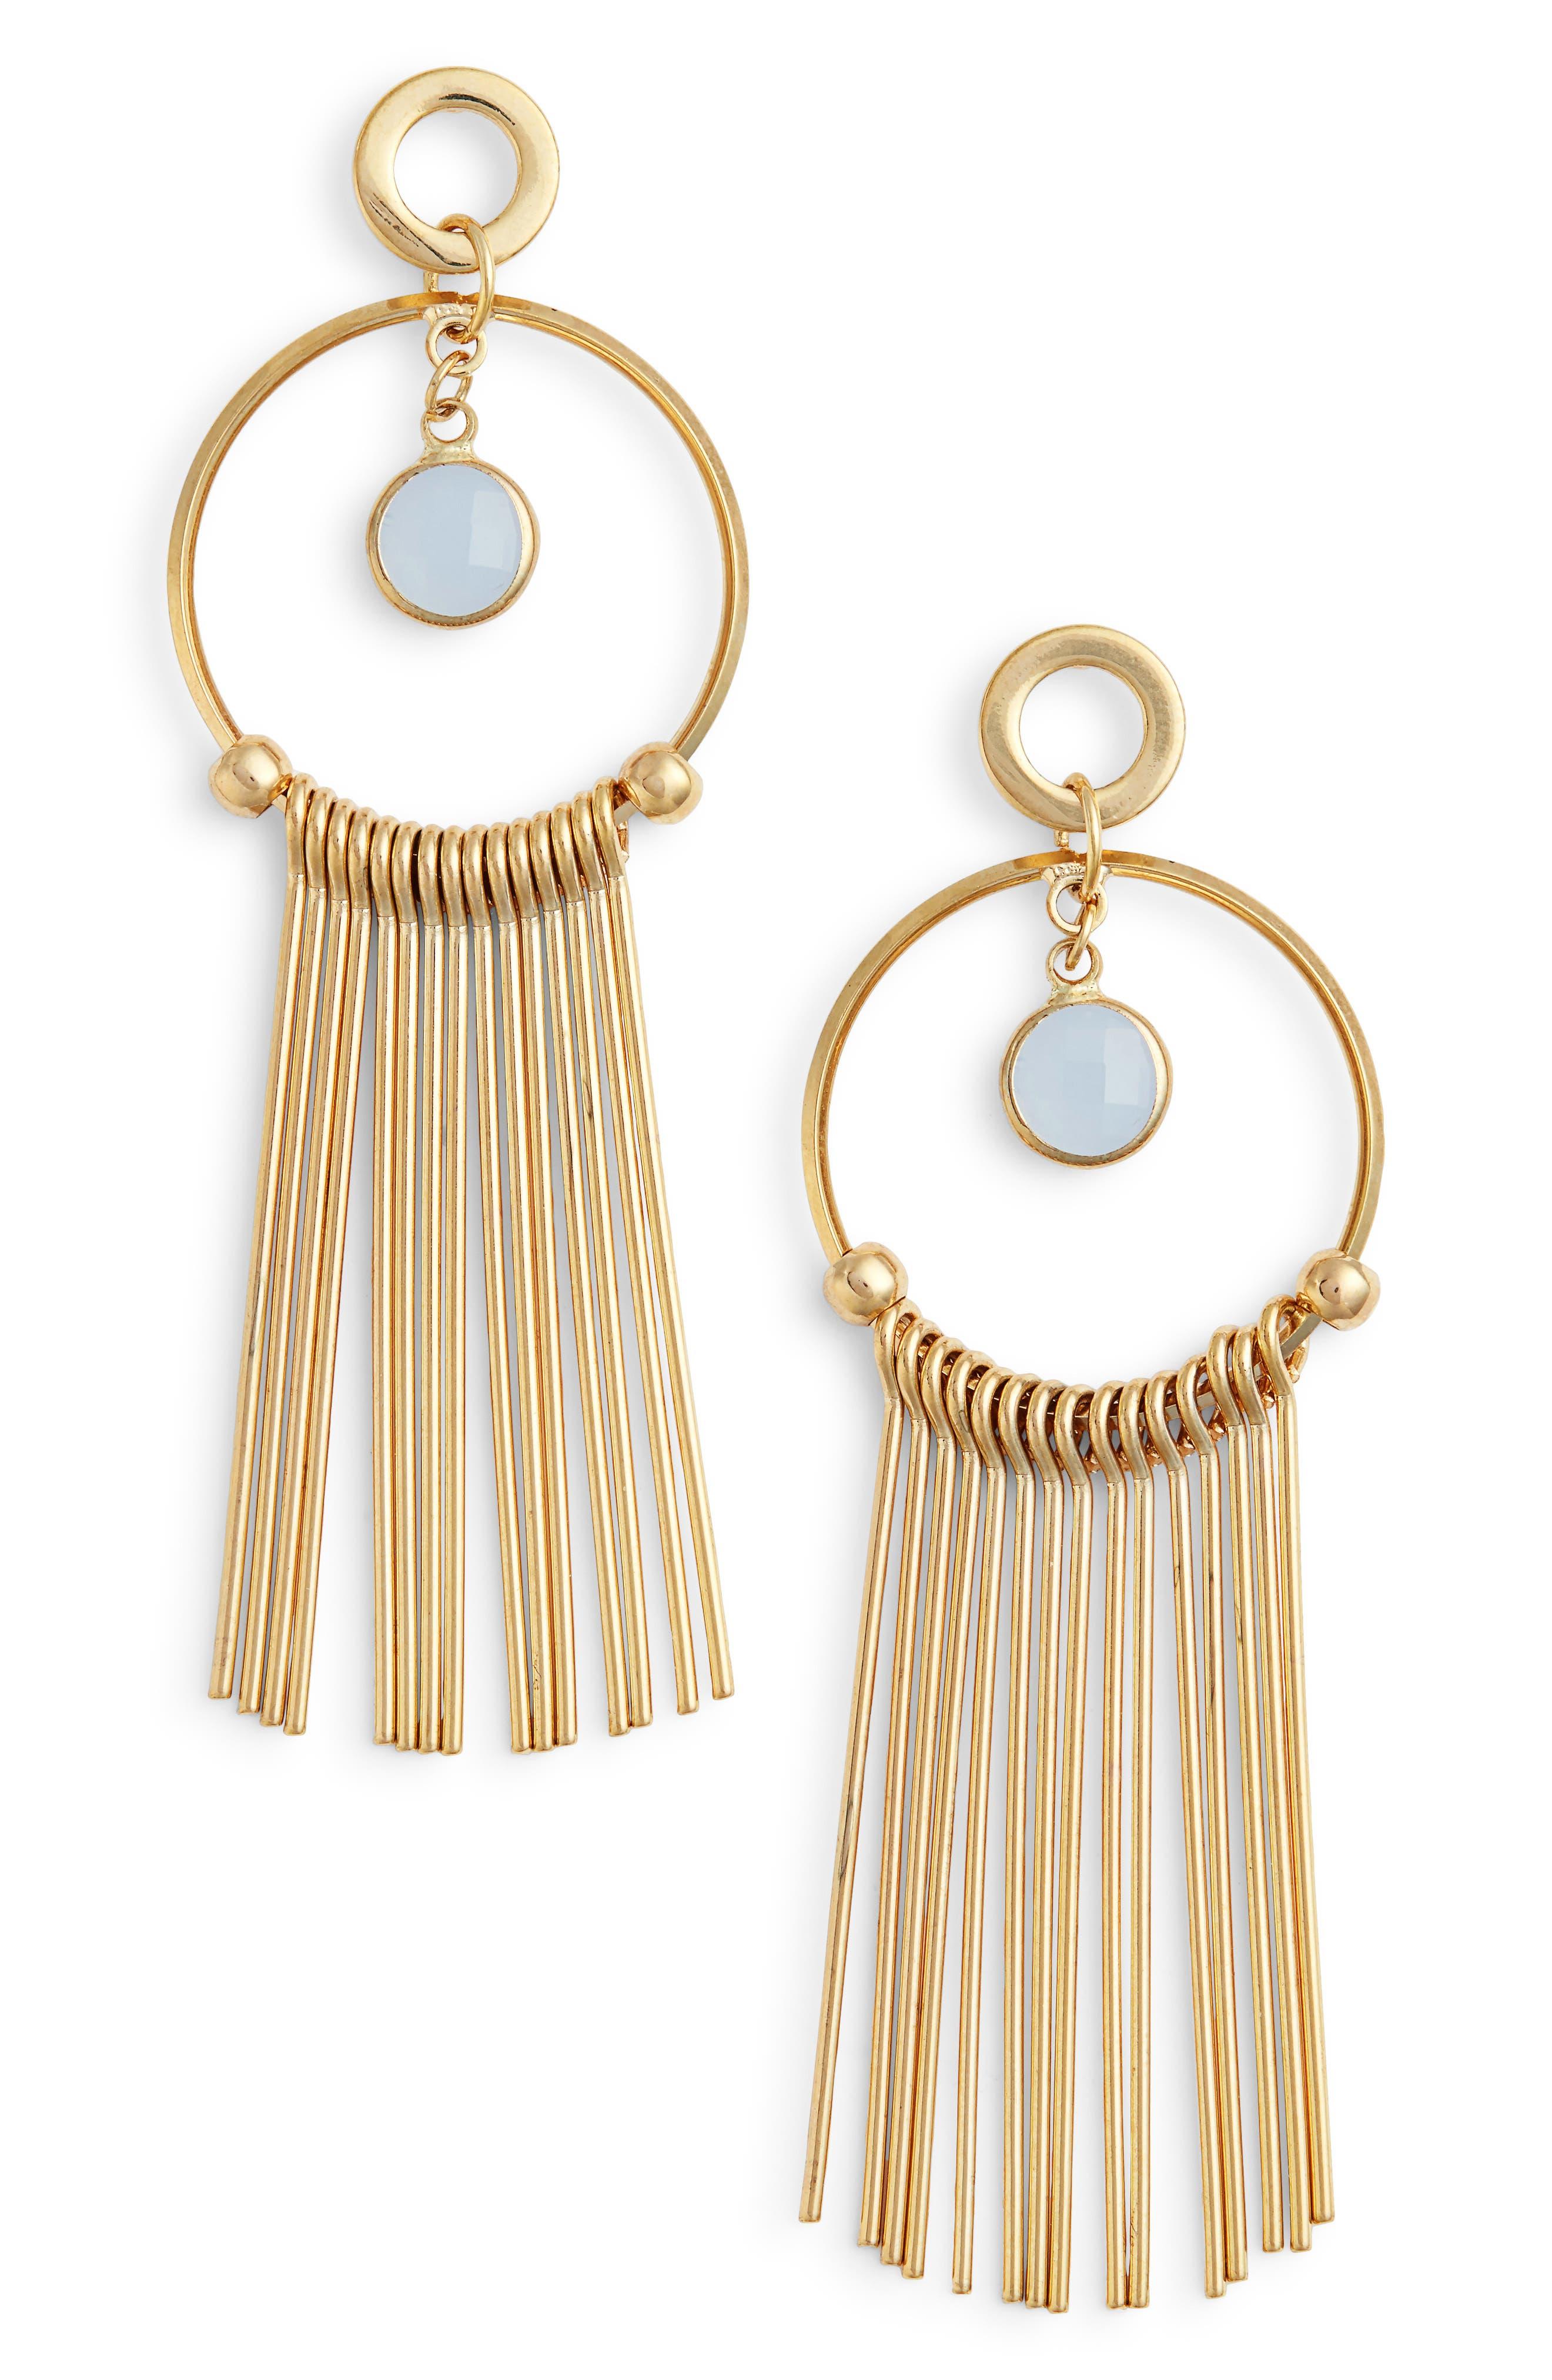 Lilia Spike & Crystal Hoop Earrings,                             Main thumbnail 3, color,